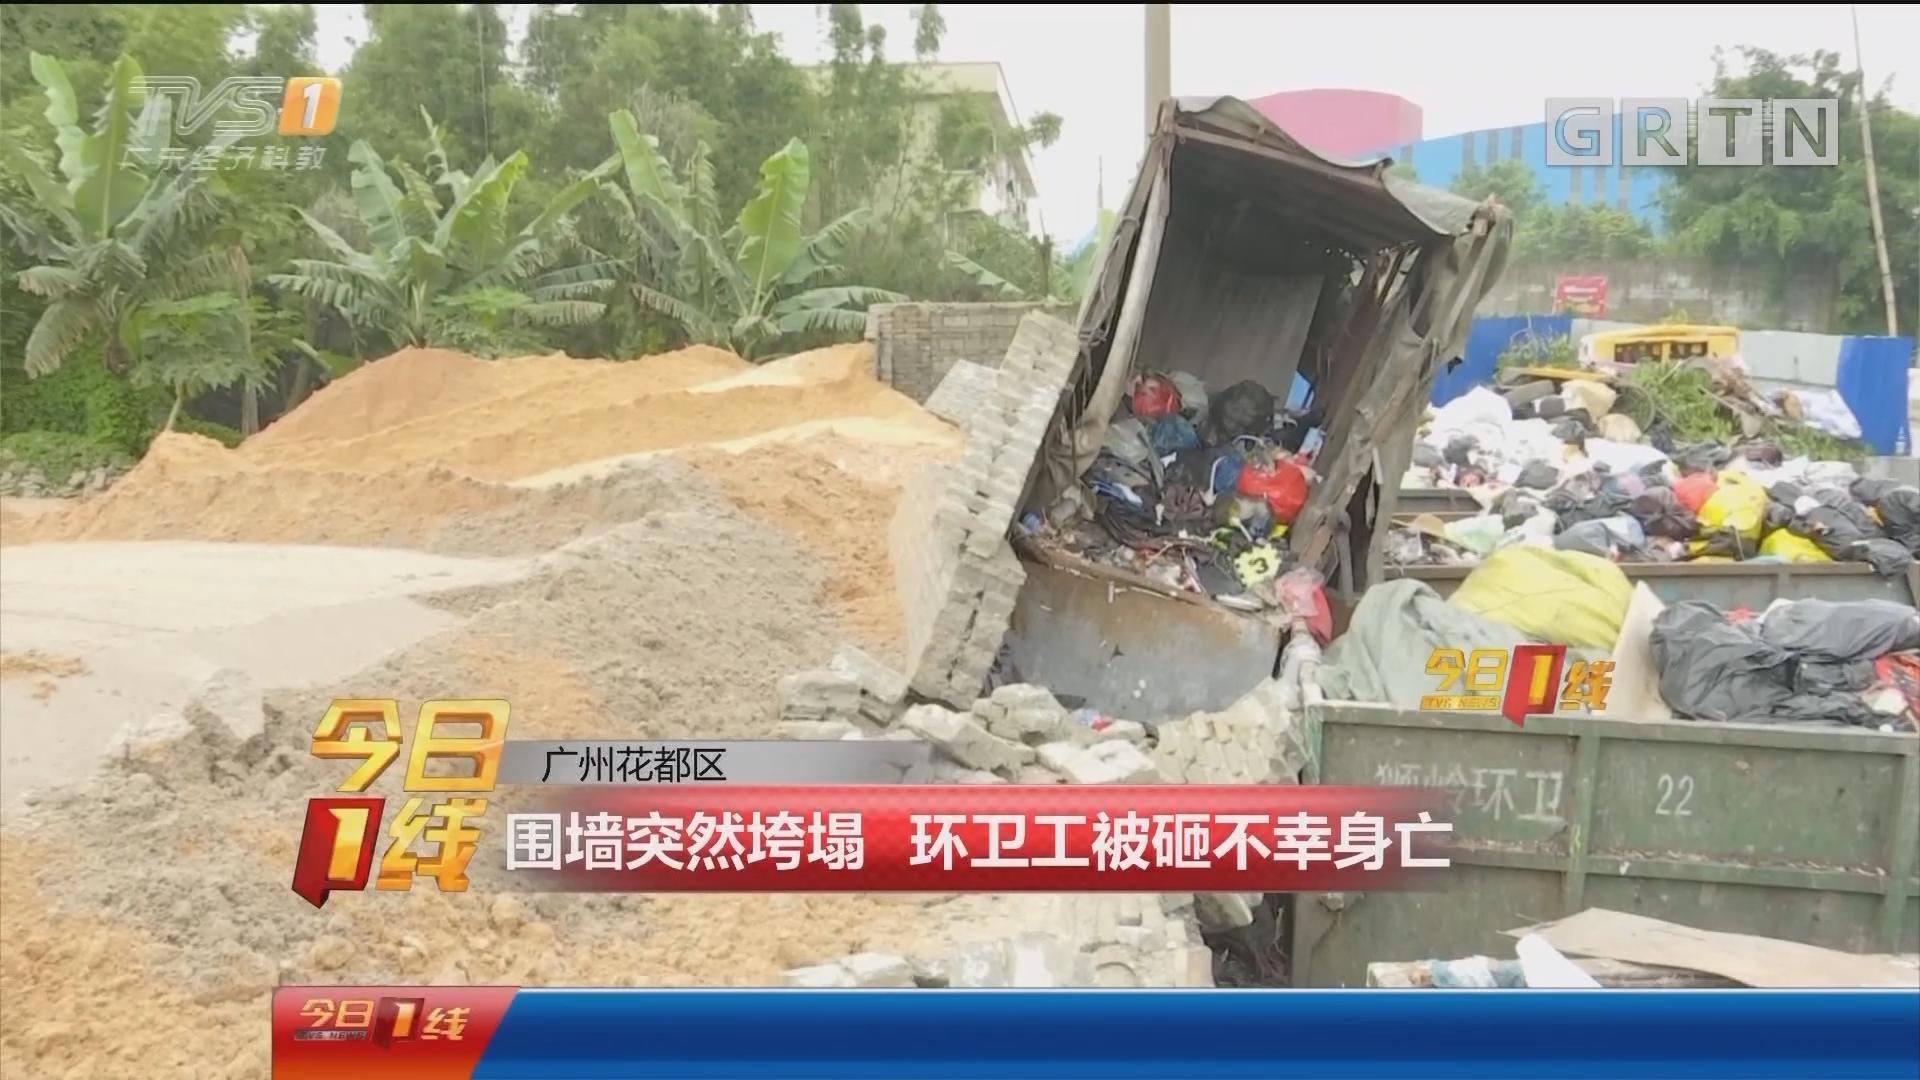 广州花都区:围墙突然垮塌 环卫工被砸不幸身亡